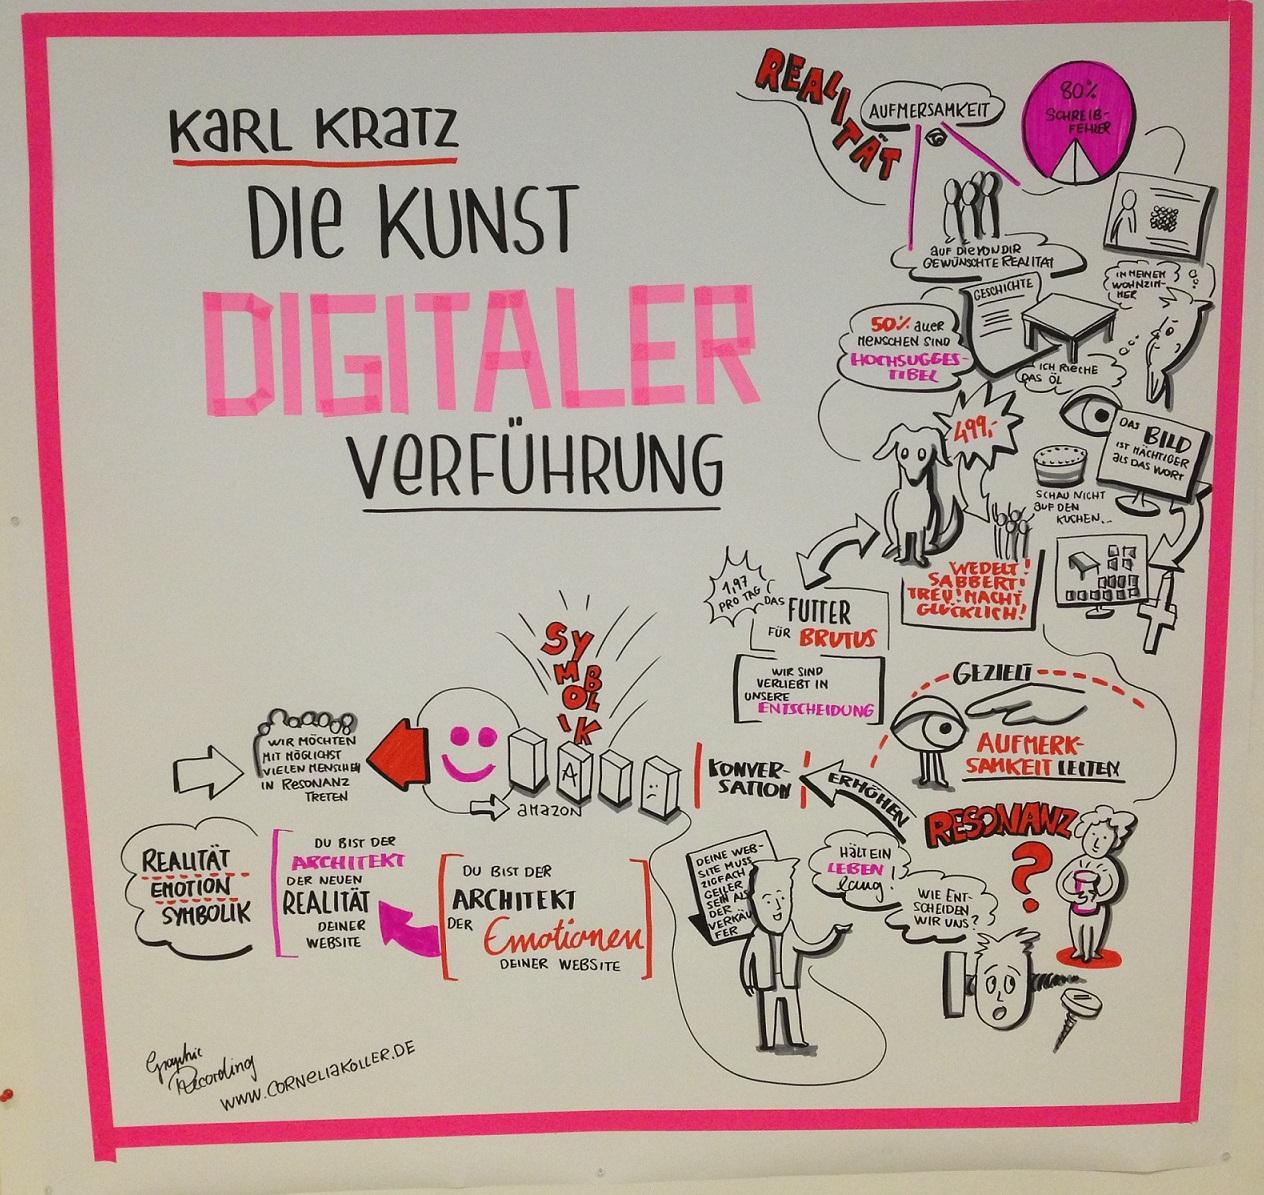 """Sketchnote zum Vortrag """"Die Kunst digitaler Verführung"""""""